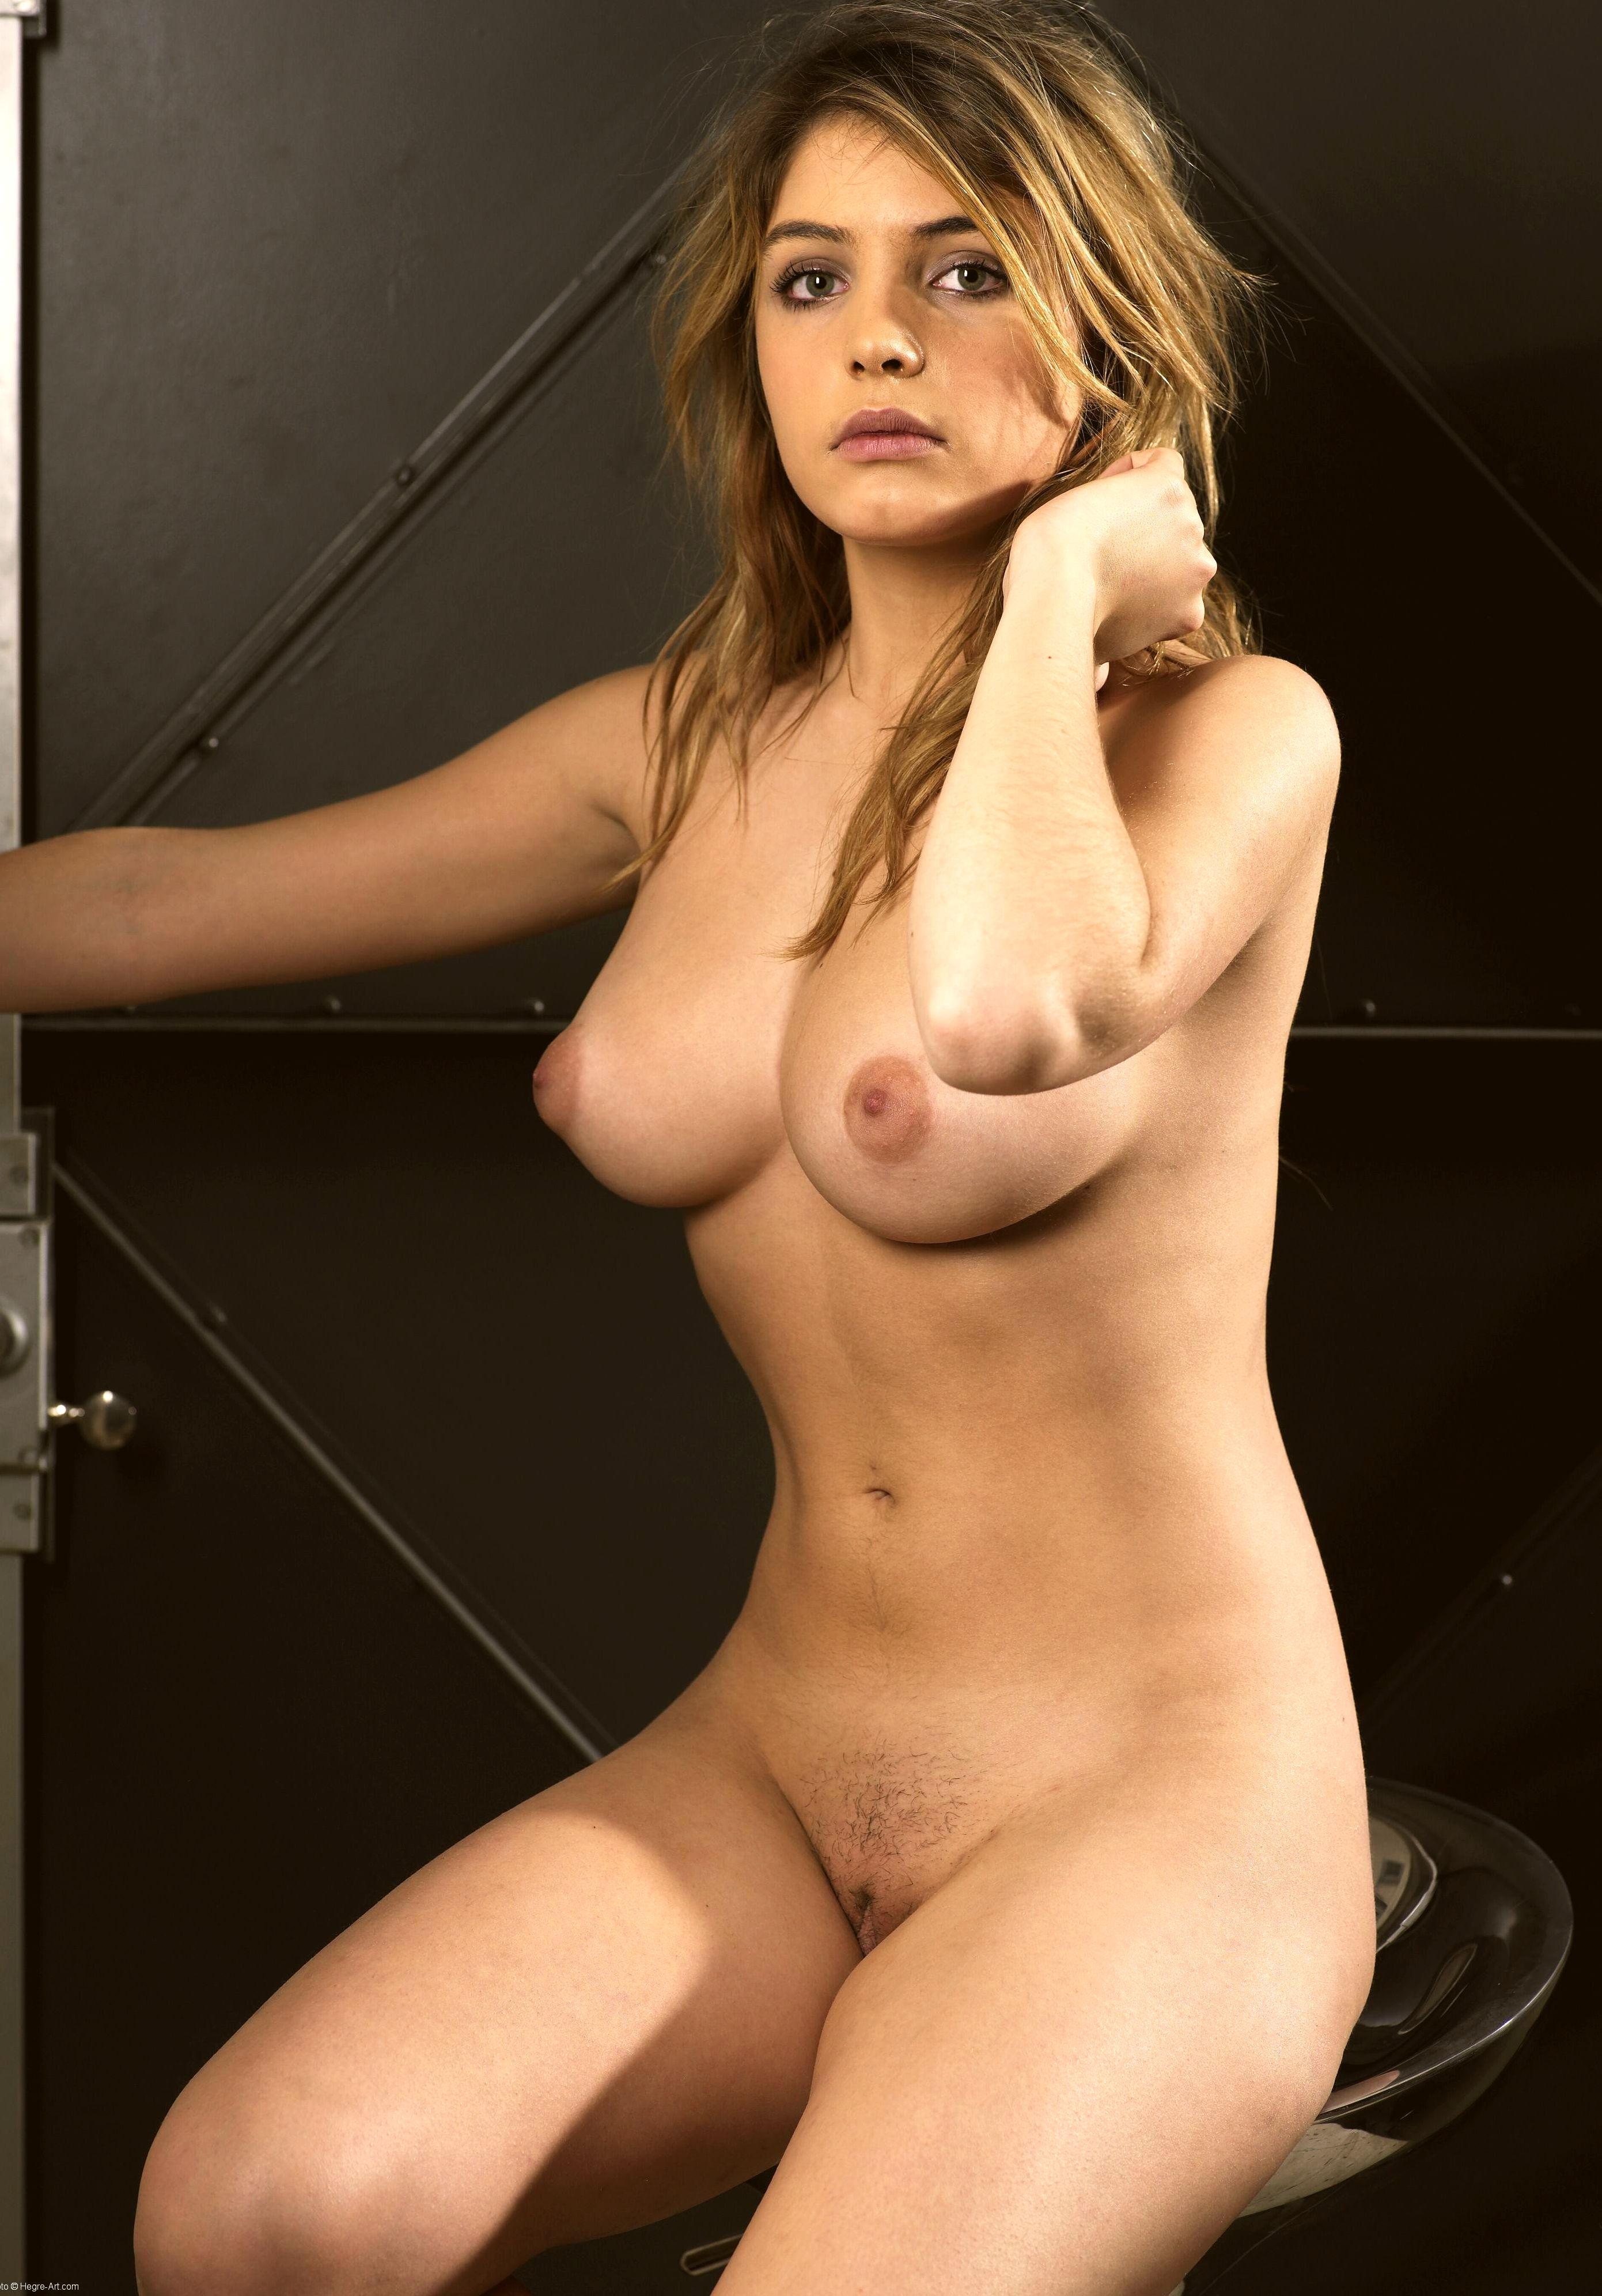 Angele Vivier Nue download sex pics angele vivier nue 05 les stars nues en